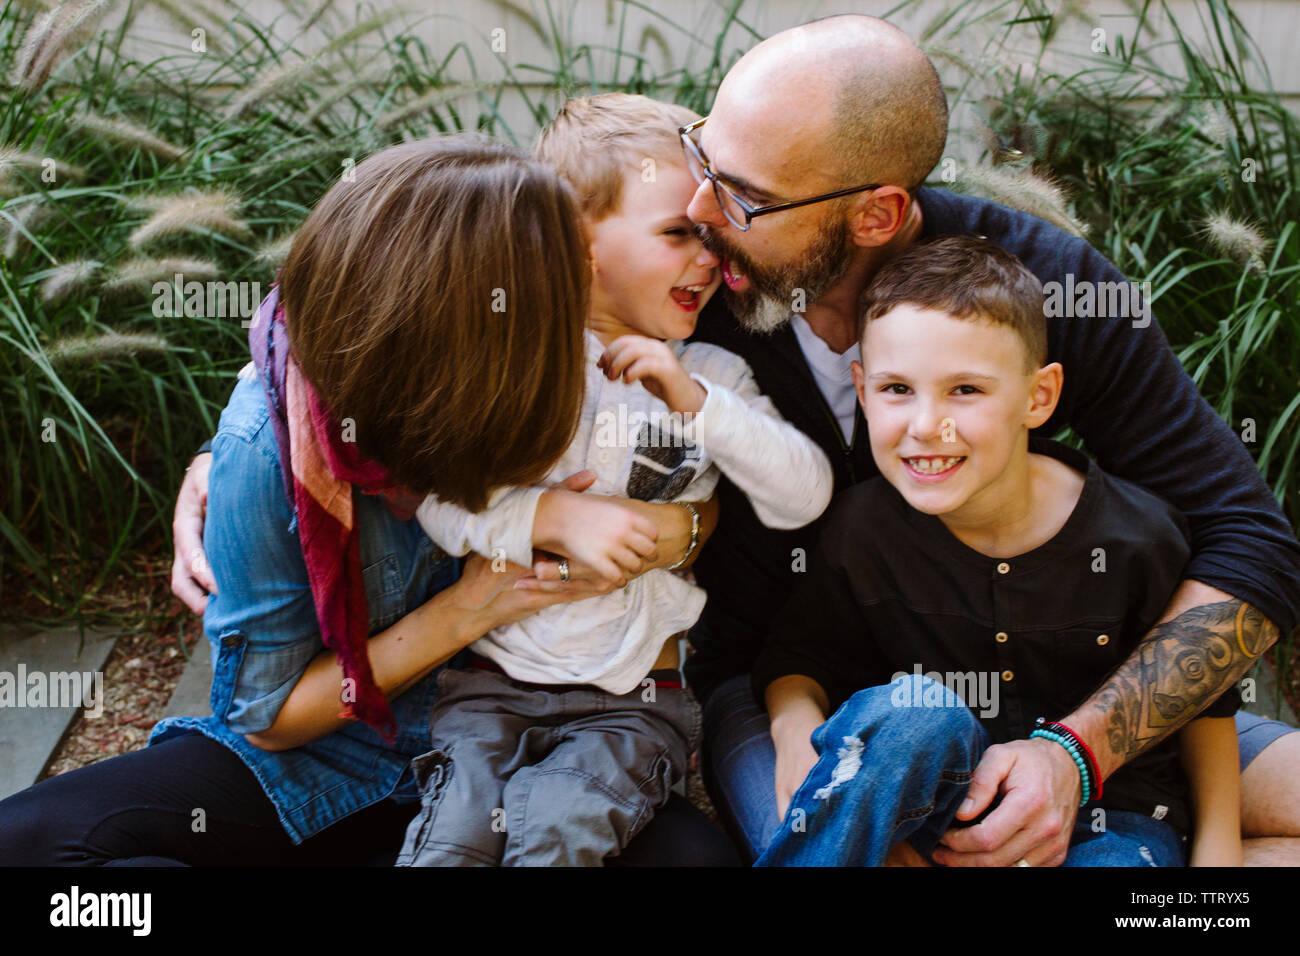 Una feliz familia risa jugar juntos Foto de stock